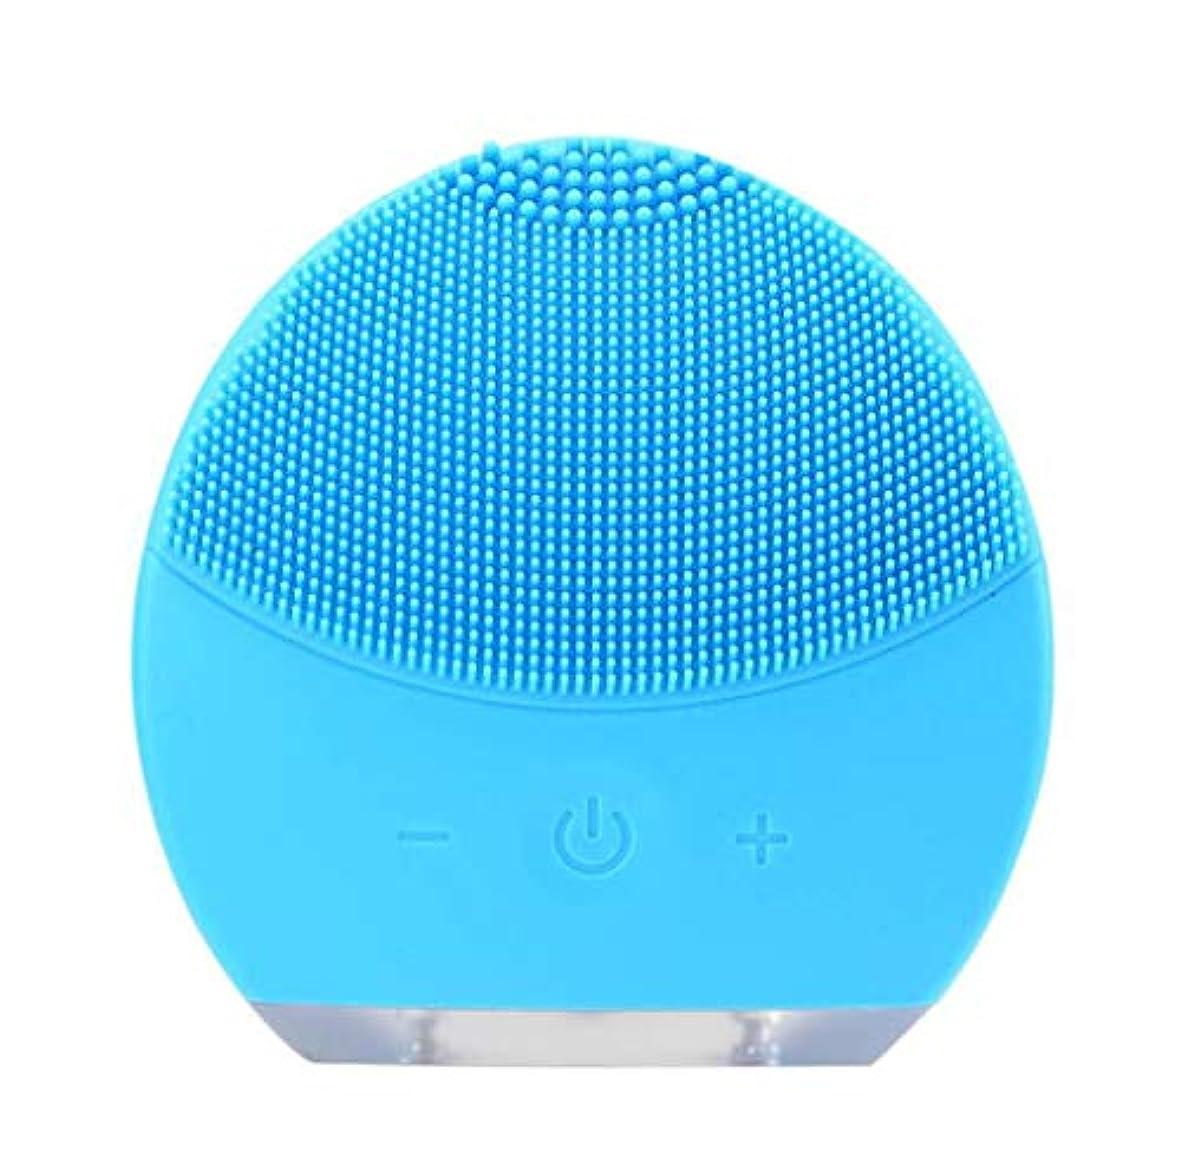 落ち着かないスペクトラム教師の日超音波振動美容機器洗浄器、皮膚の毛穴を最小限に抑えるマイクロダーマブレーション毛穴、USB 充電と防水,Blue